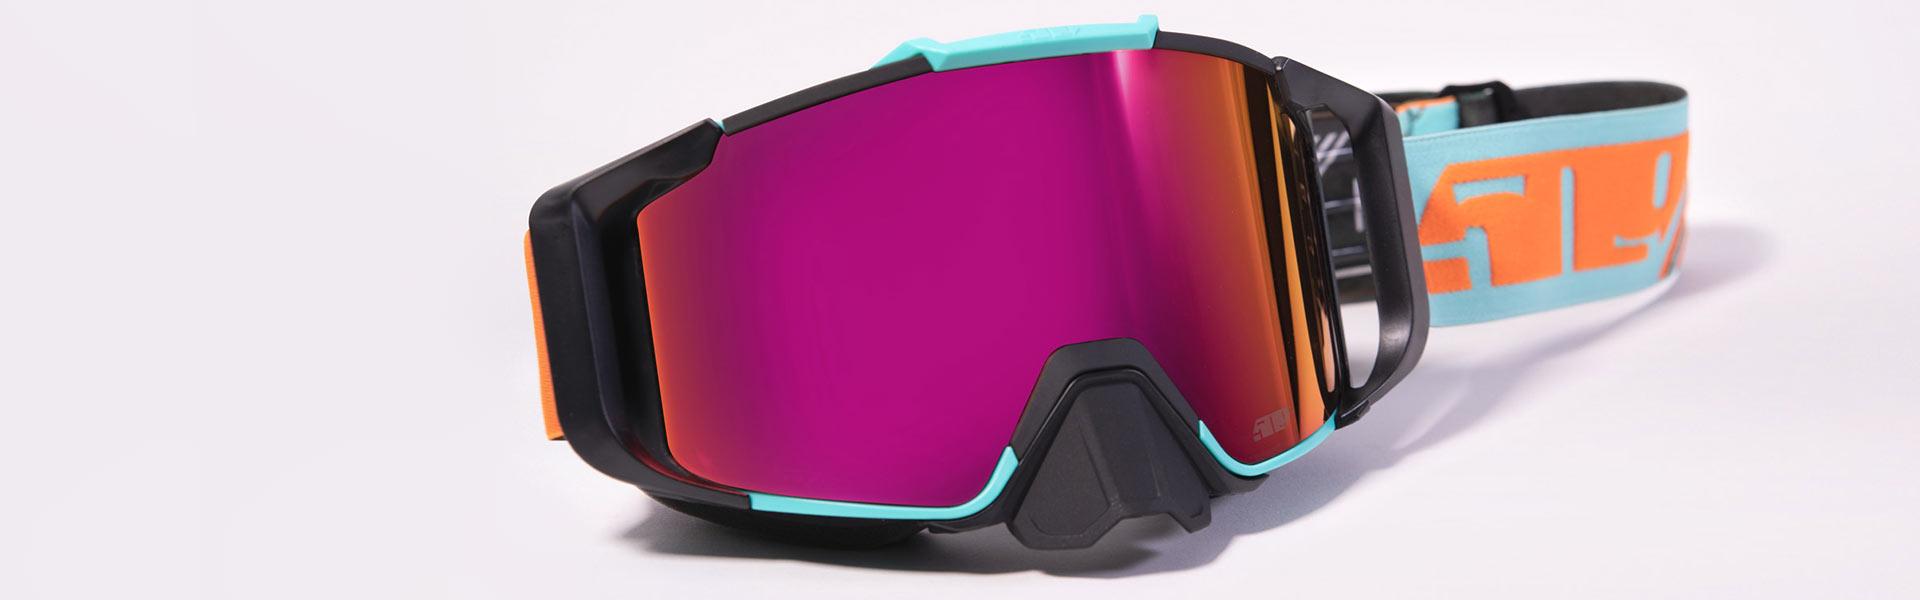 509 Sinister X6 Fuzion Goggle